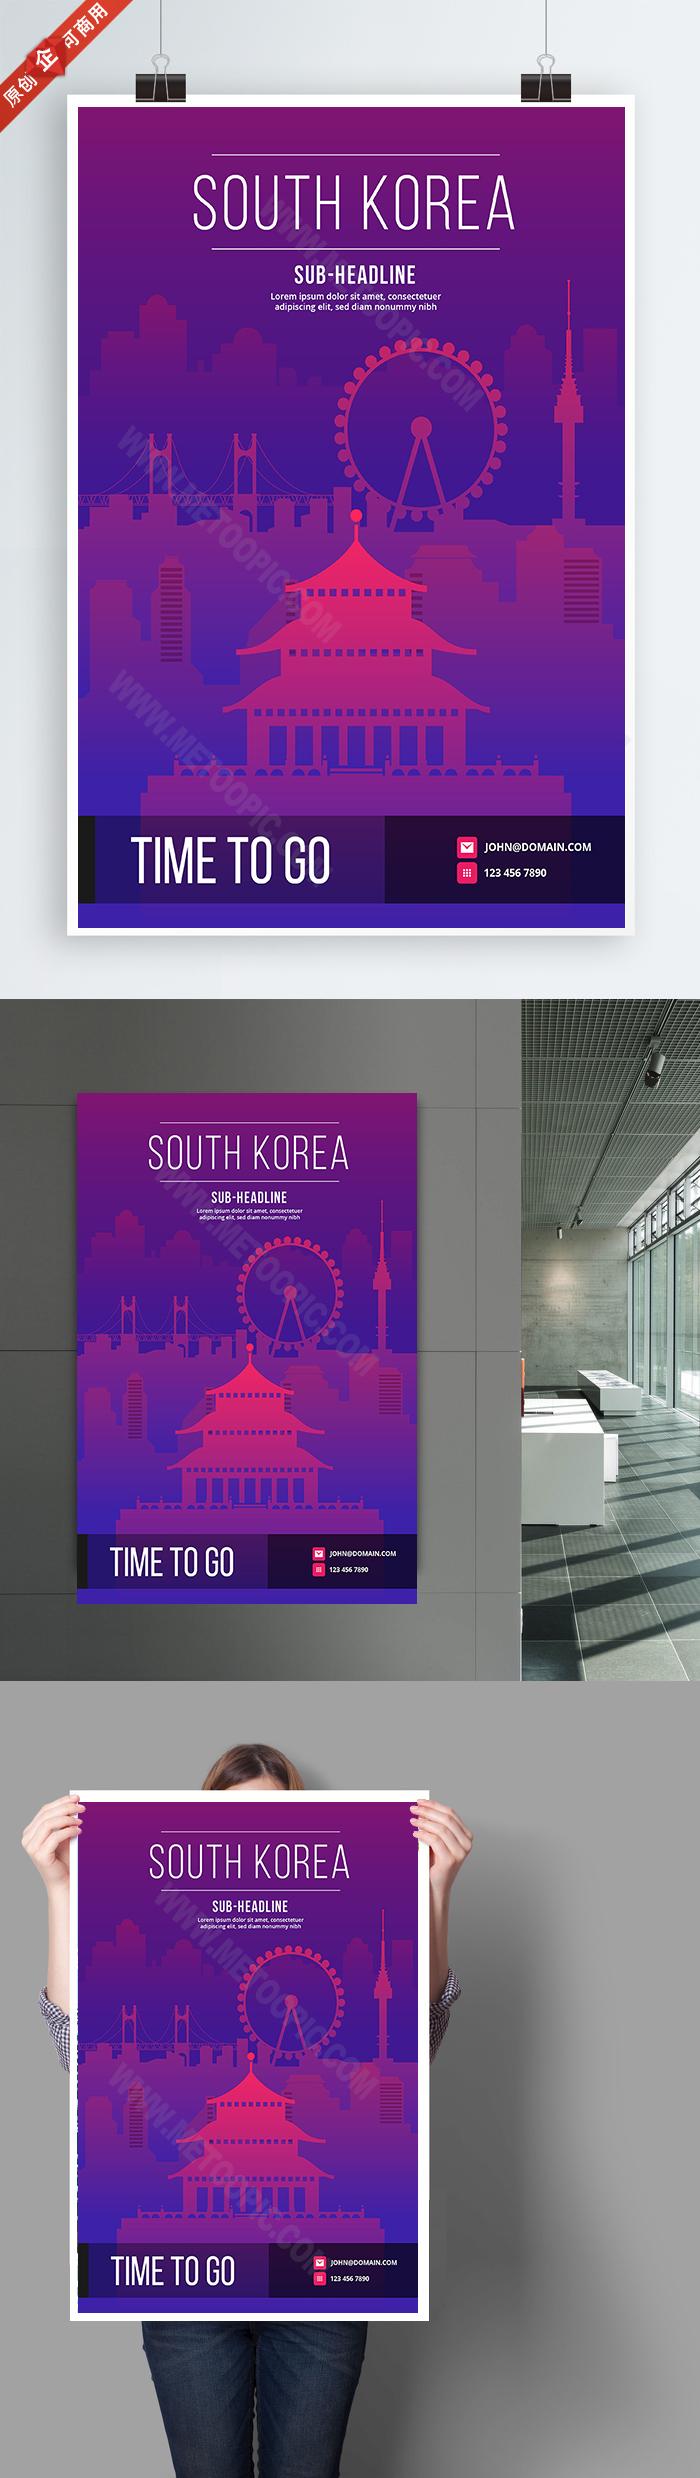 国外旅游创意海报_国外旅游创意海报_觅图库